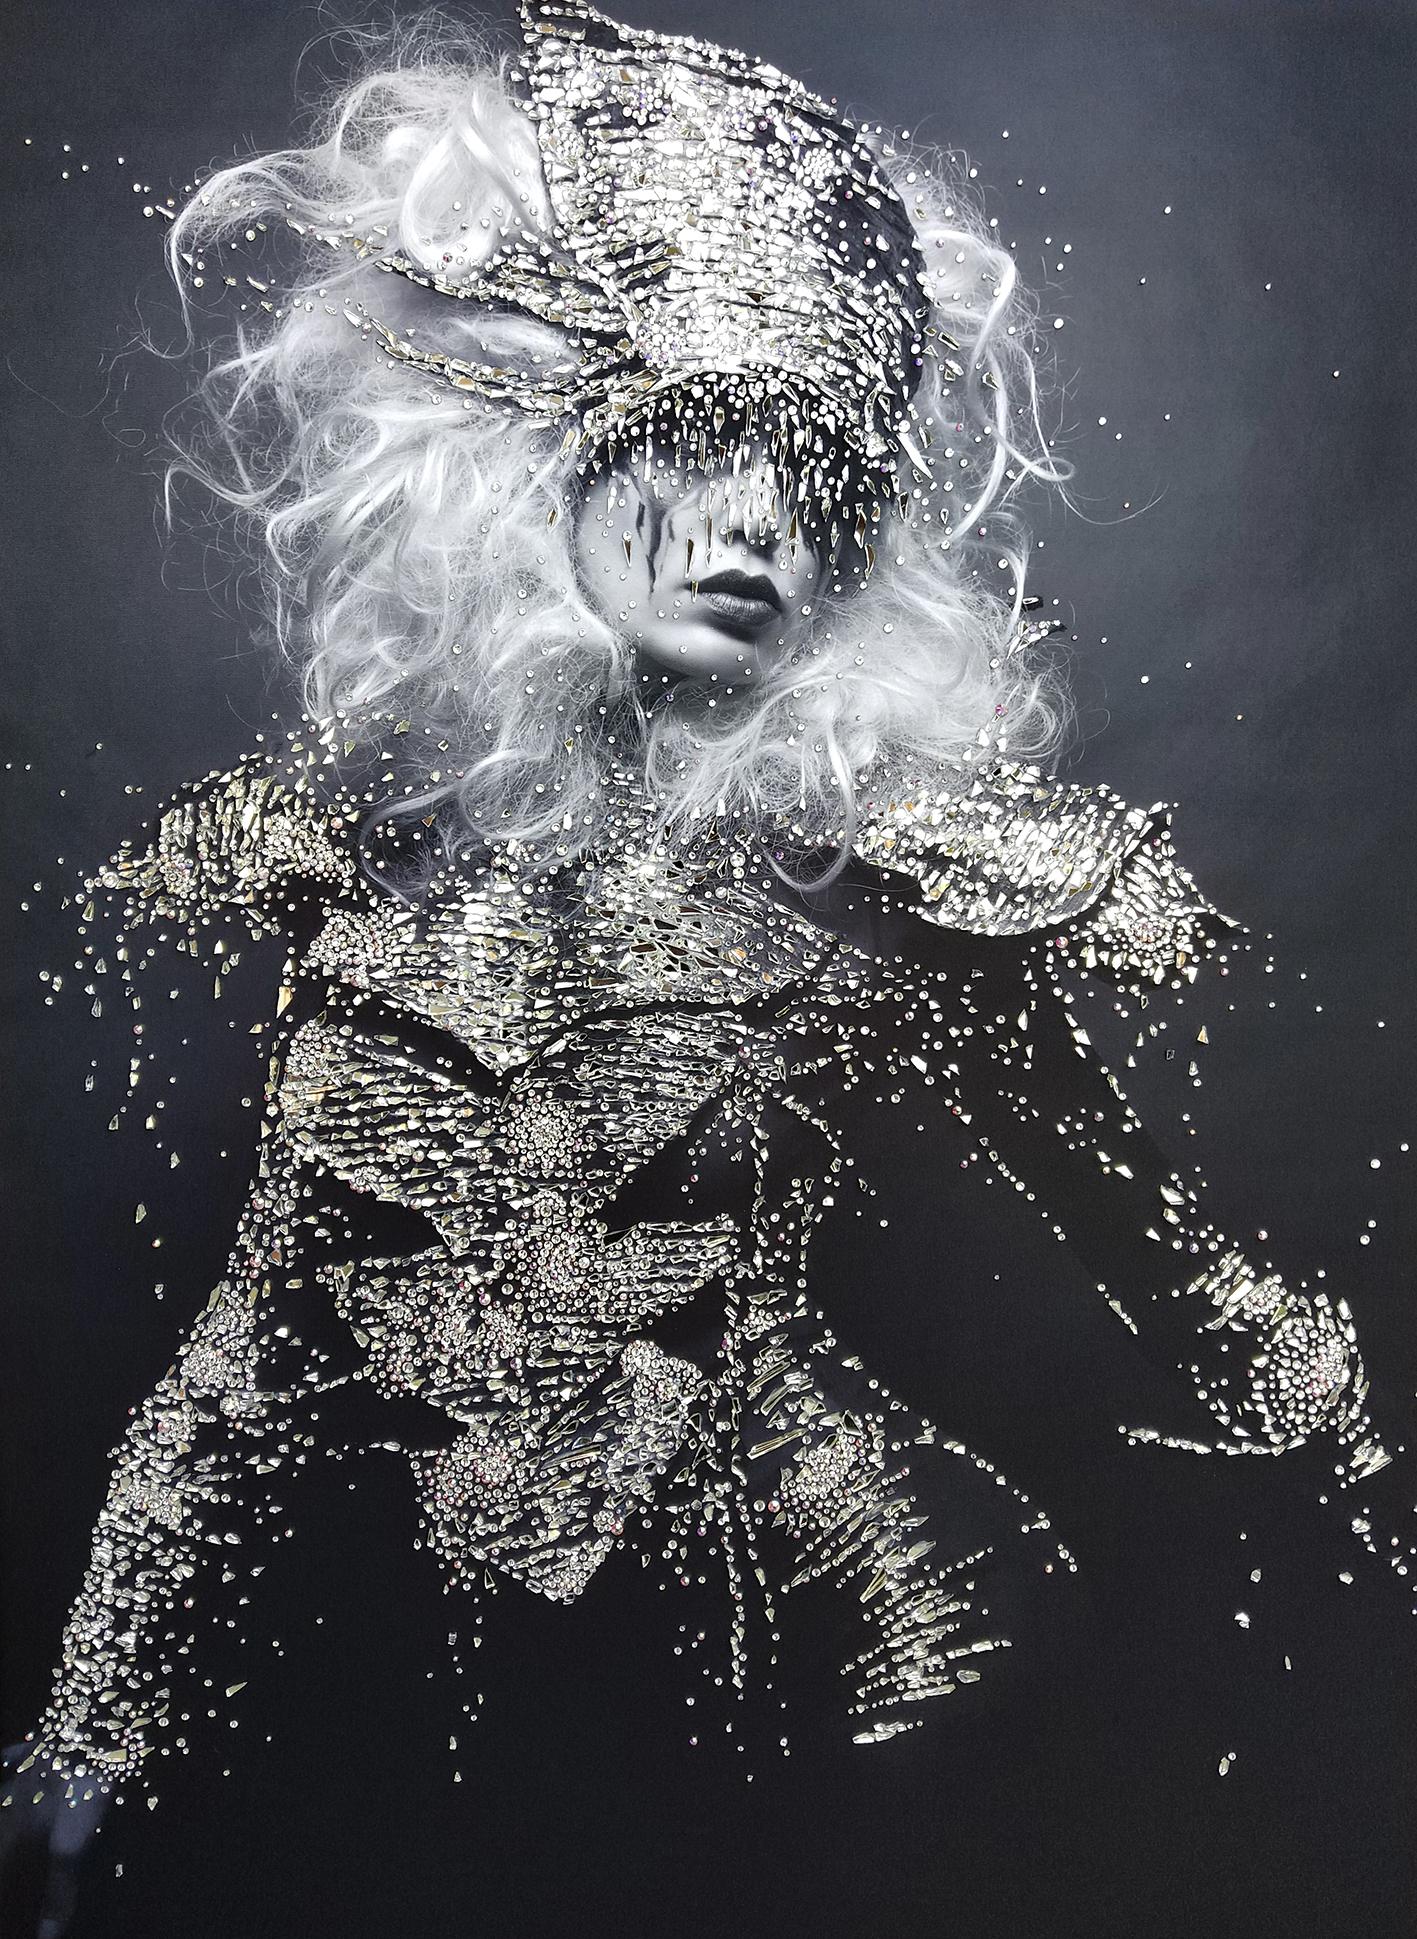 TEMPO - VanitartCollezione Le Regine GuerriereMisura 80x120 cmLavorazione in cristalli Swarovski e Specchi